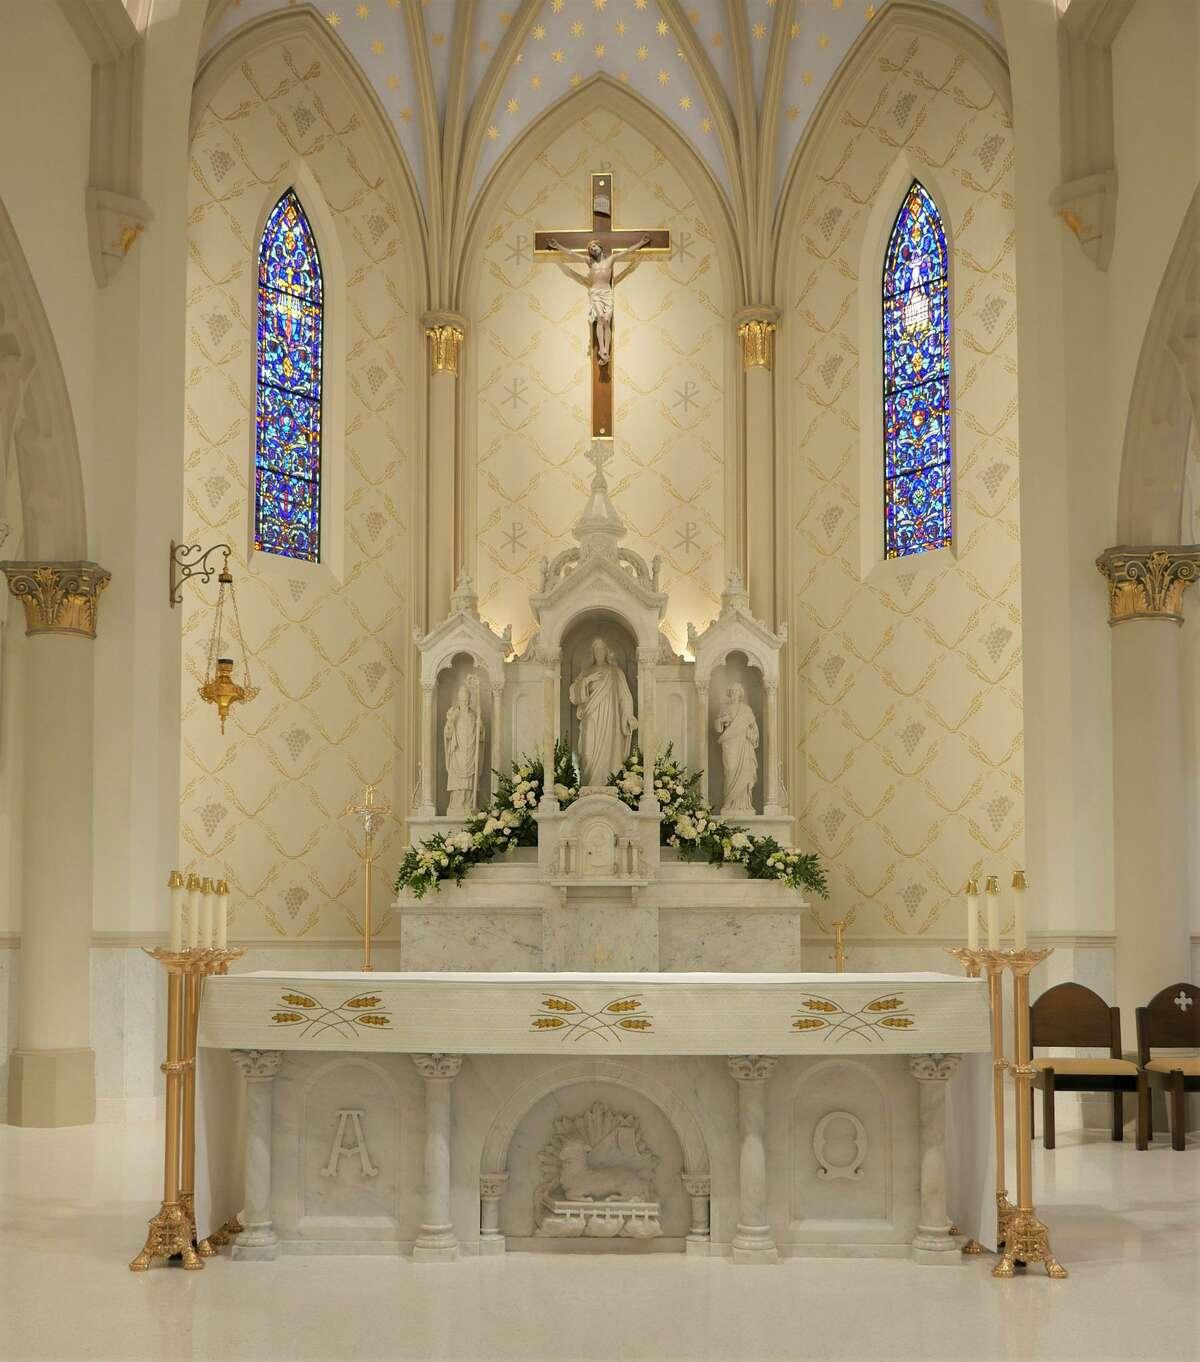 La Catedral San Agustín luce un nuevo rostro después de una remodelación que duró más de dos años y tuvo un costo de 8 millones de dólares. El domingo se llevó a cabo una celebración eucarística para celebrar la reapertura de la iglesia.